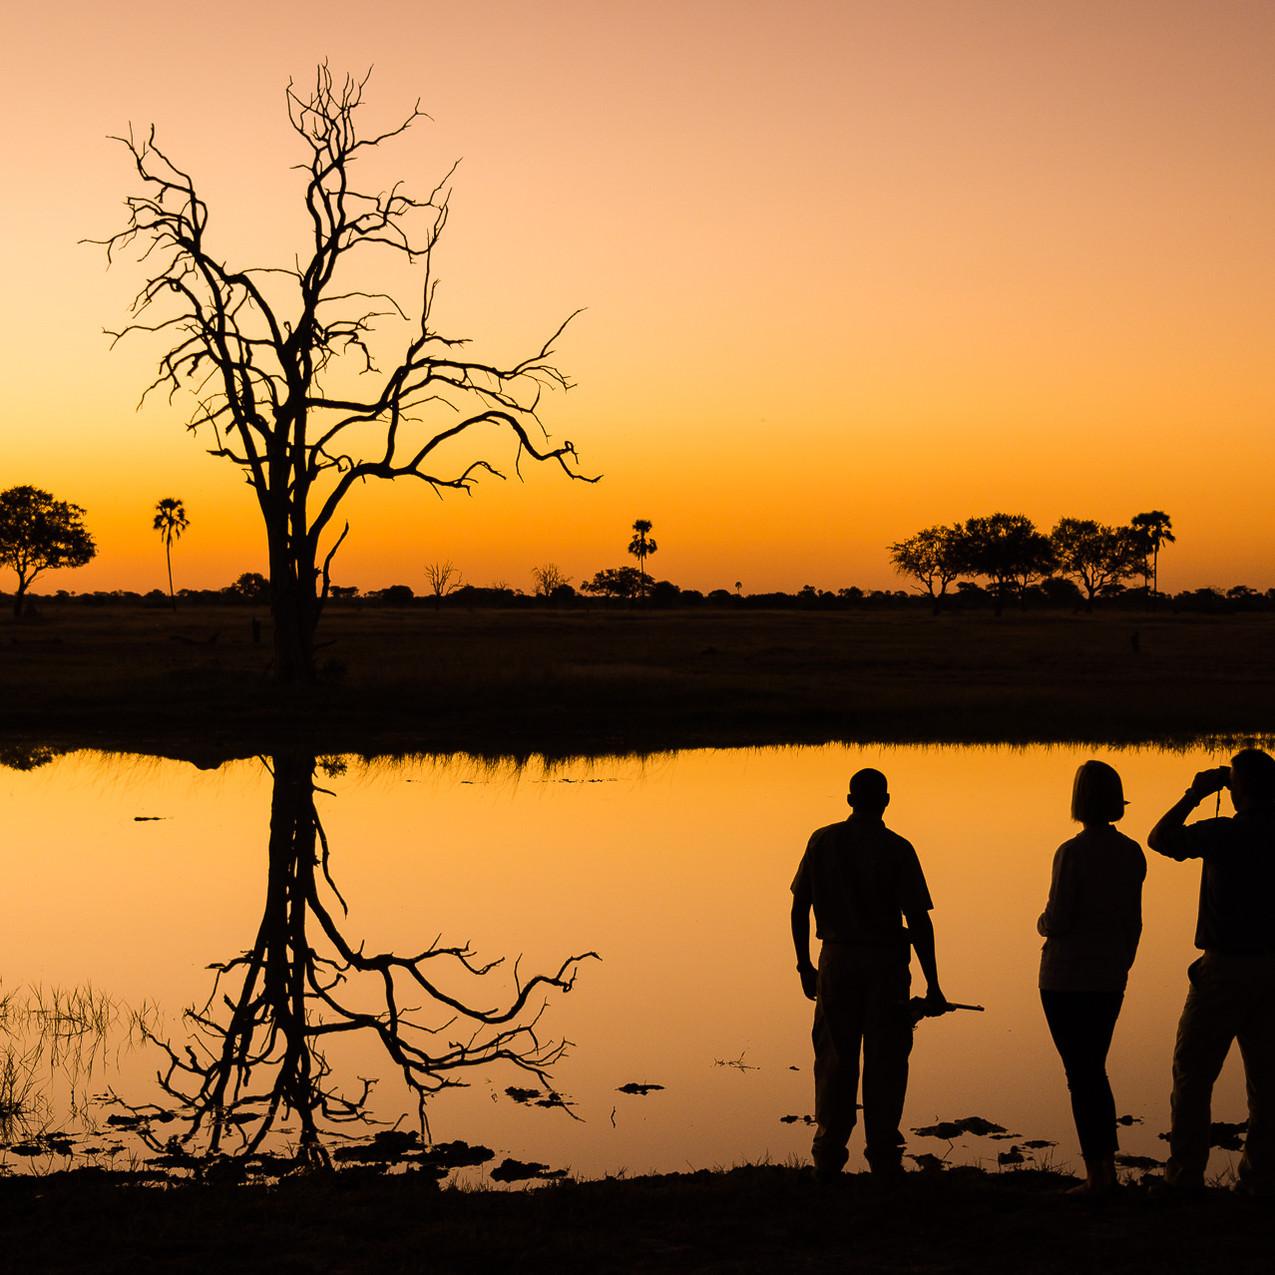 Likwasha reflections